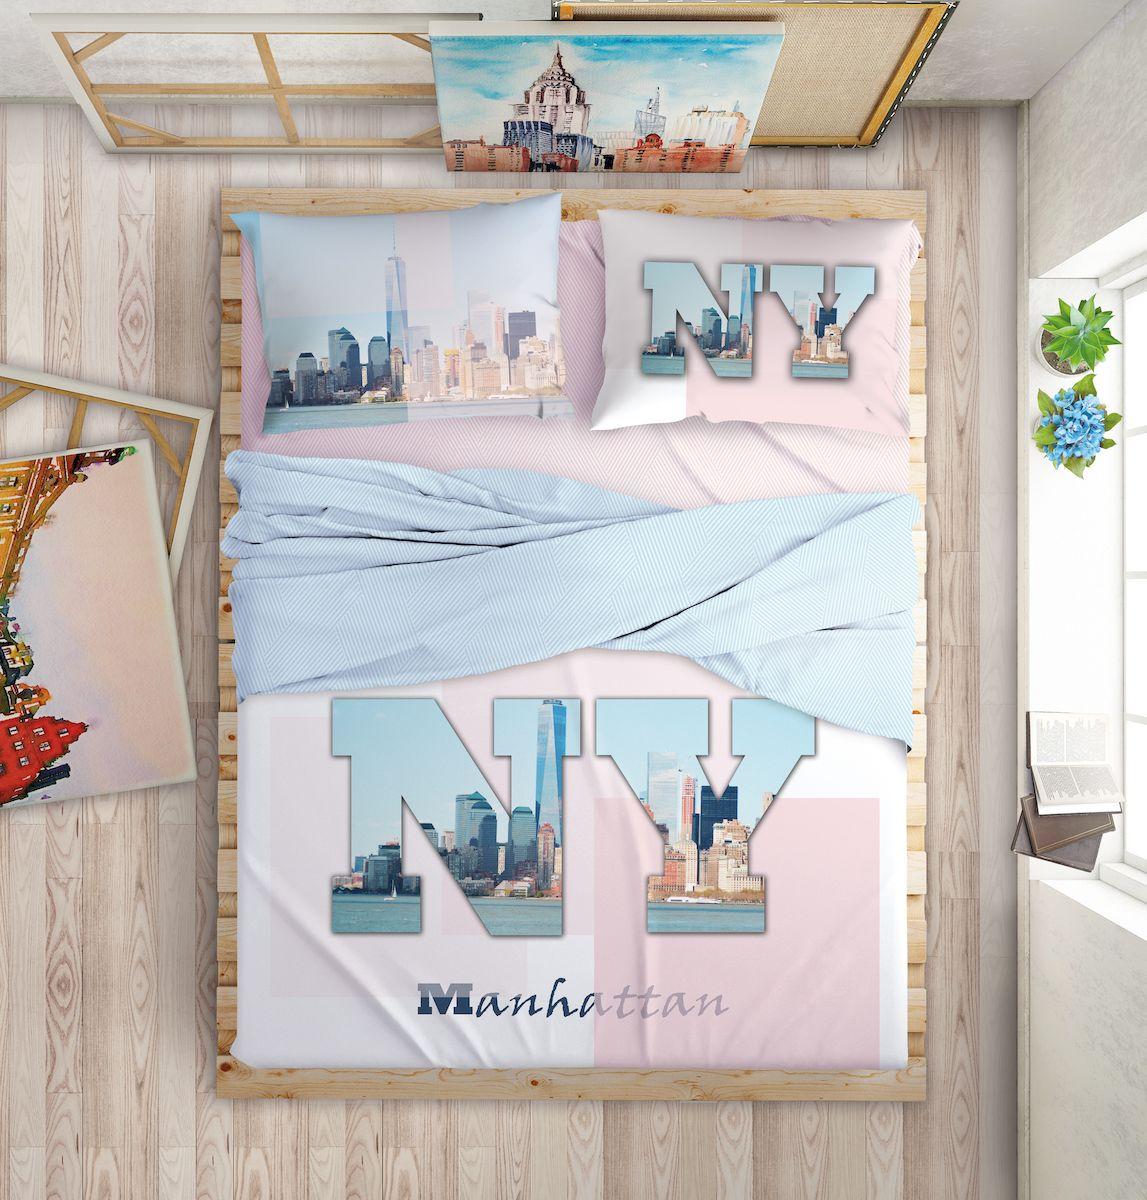 Комплект белья Love Me Manhattan Dreams, евро, наволочки 50х70, 70х70, цвет: голубой198971Международный бренд для молодых, современных, стильных. Love Me - бренд качественного постельного белья, для молодых людей, создающий ощущение комфорта, защищенности и уюта. При этом - модный, современный, стильный. Упаковка выполнена в оригинальном стиле - имитирует модель сумки FURLA.